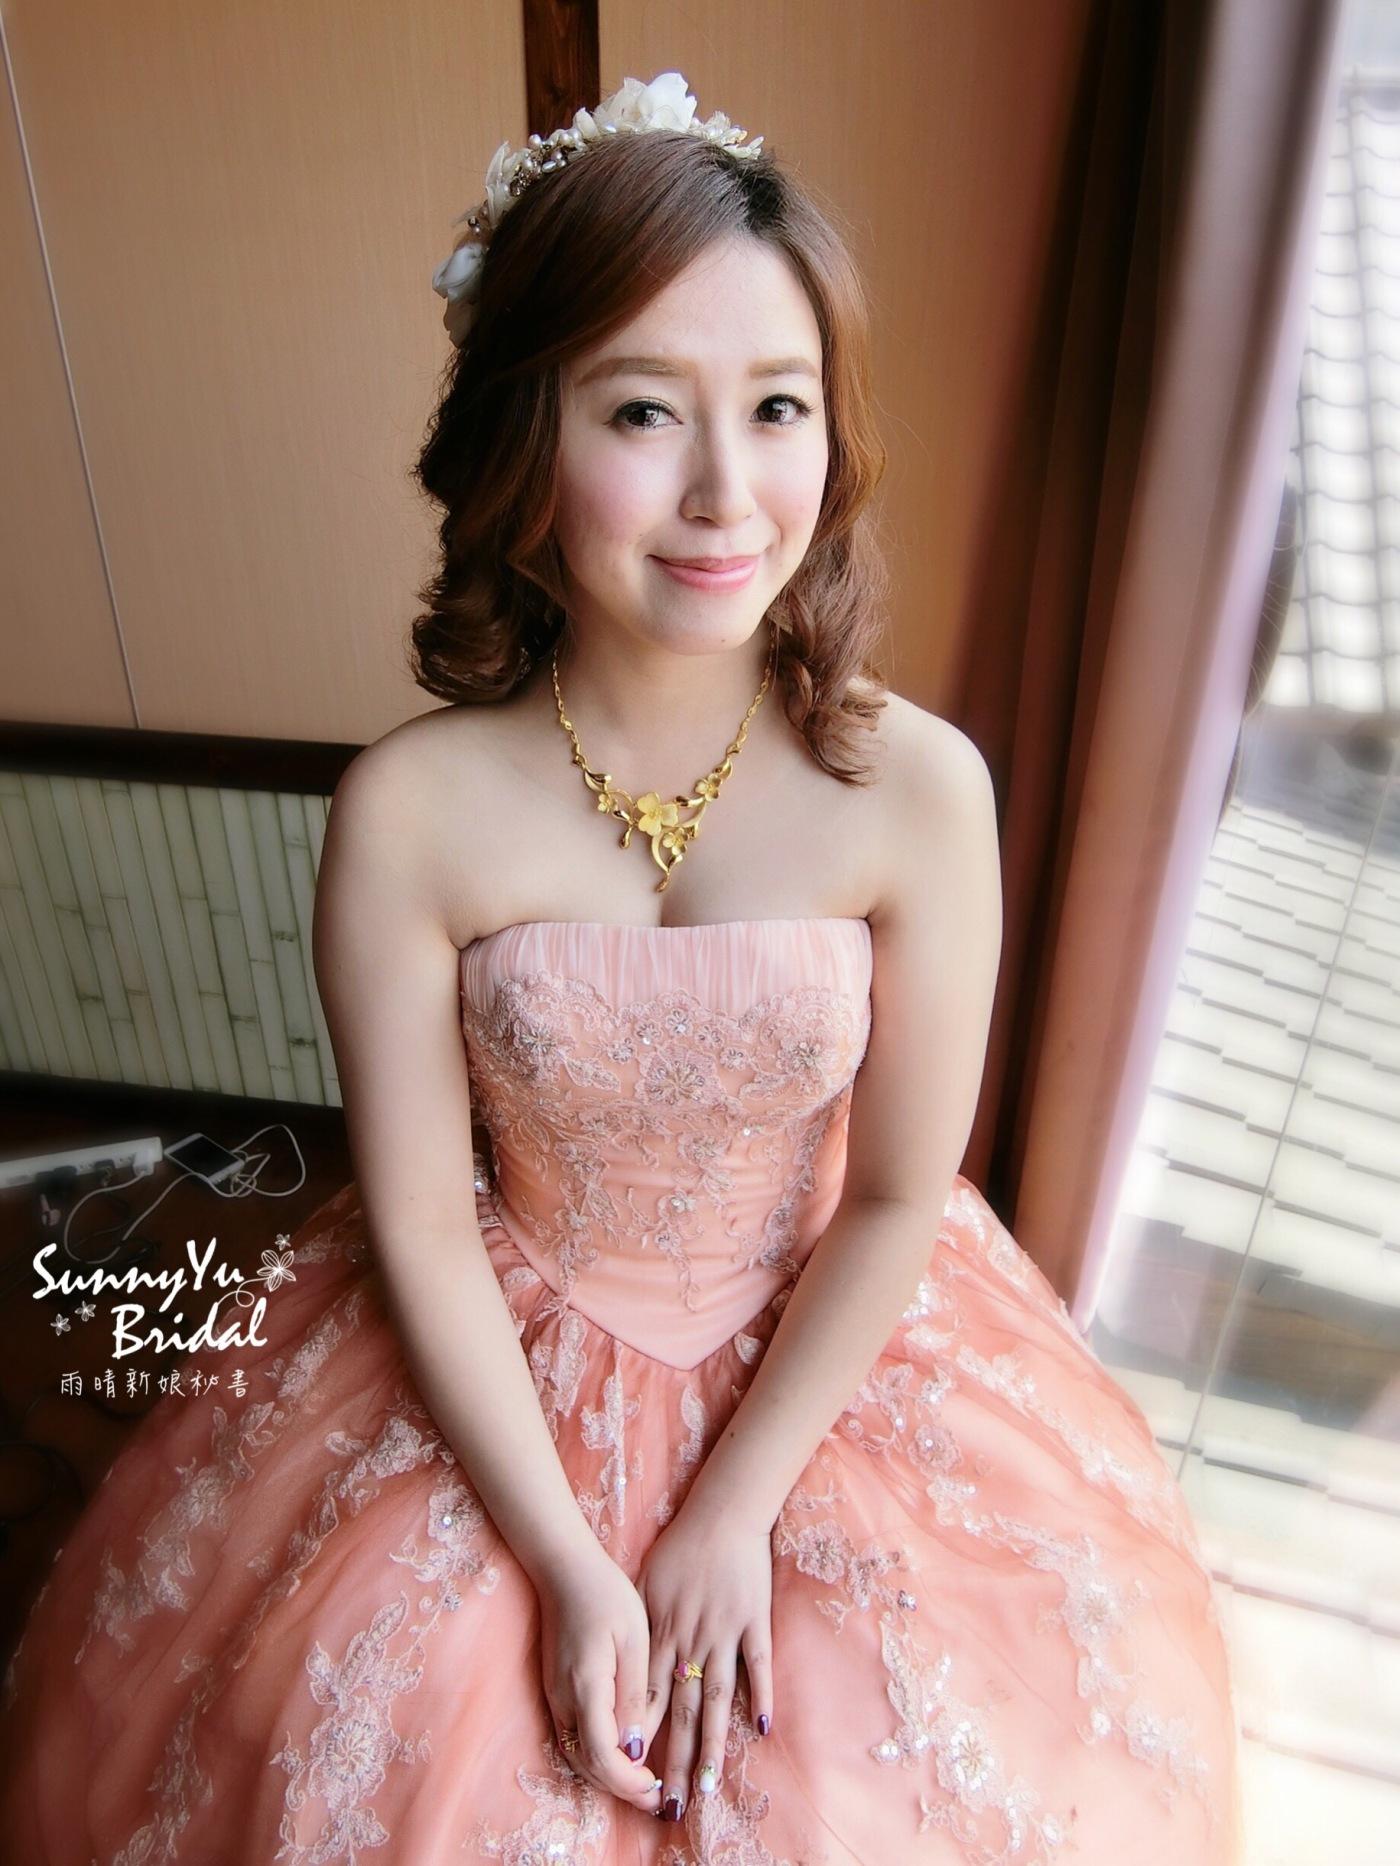 短髮新娘|編髮造型|新娘秘書雨晴|嘉義新娘秘書推薦|雲林新秘